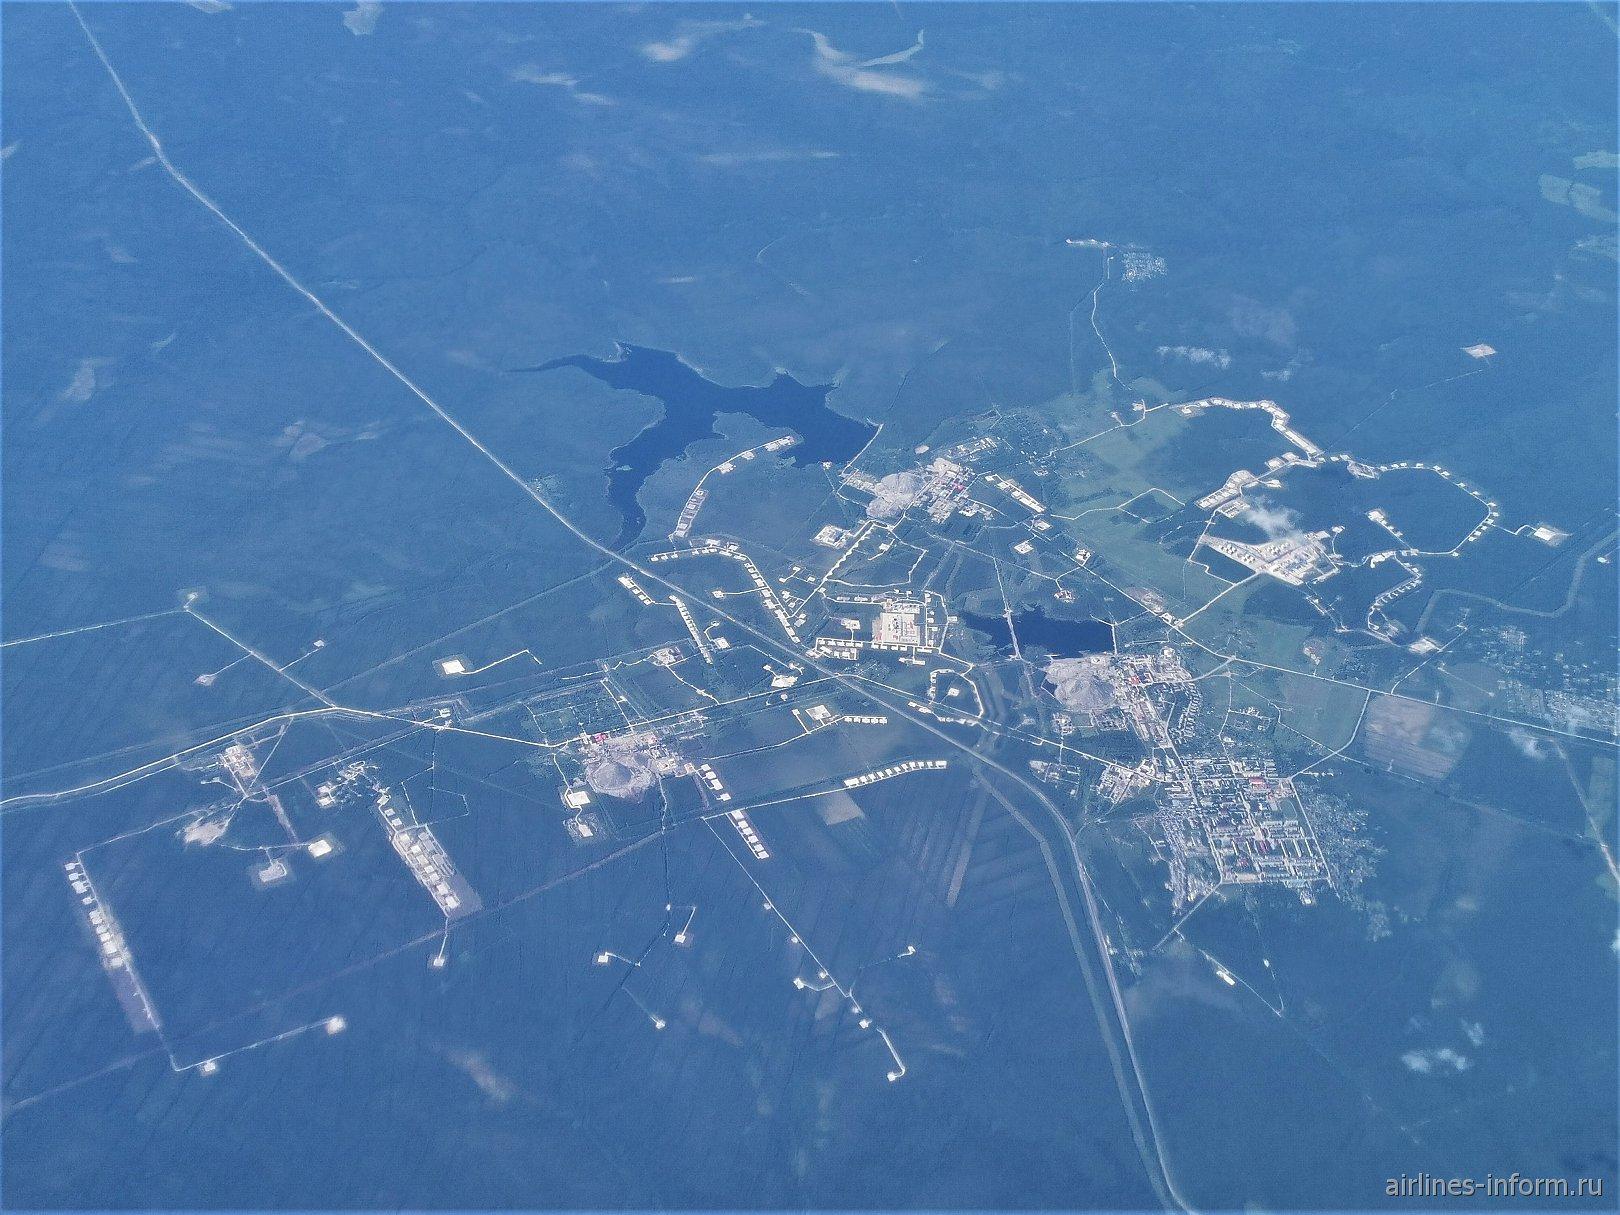 Нефтяные промыслы у поселка Ярега в Республике Коми